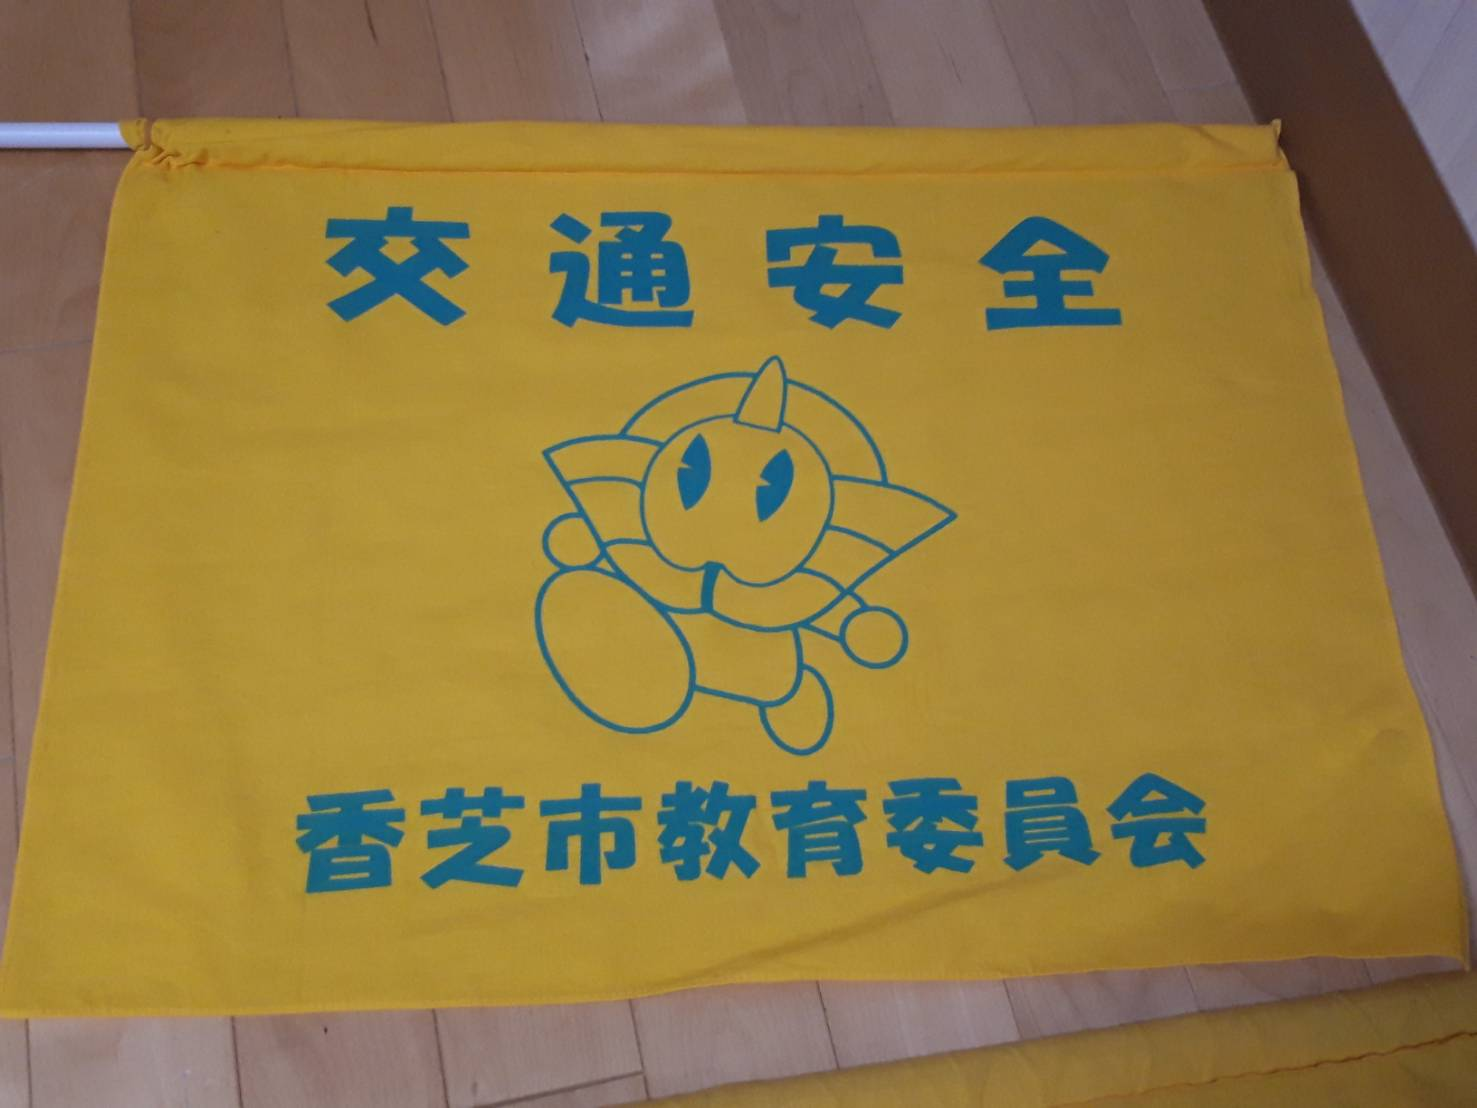 委員 香芝 会 ホームページ 市 教育